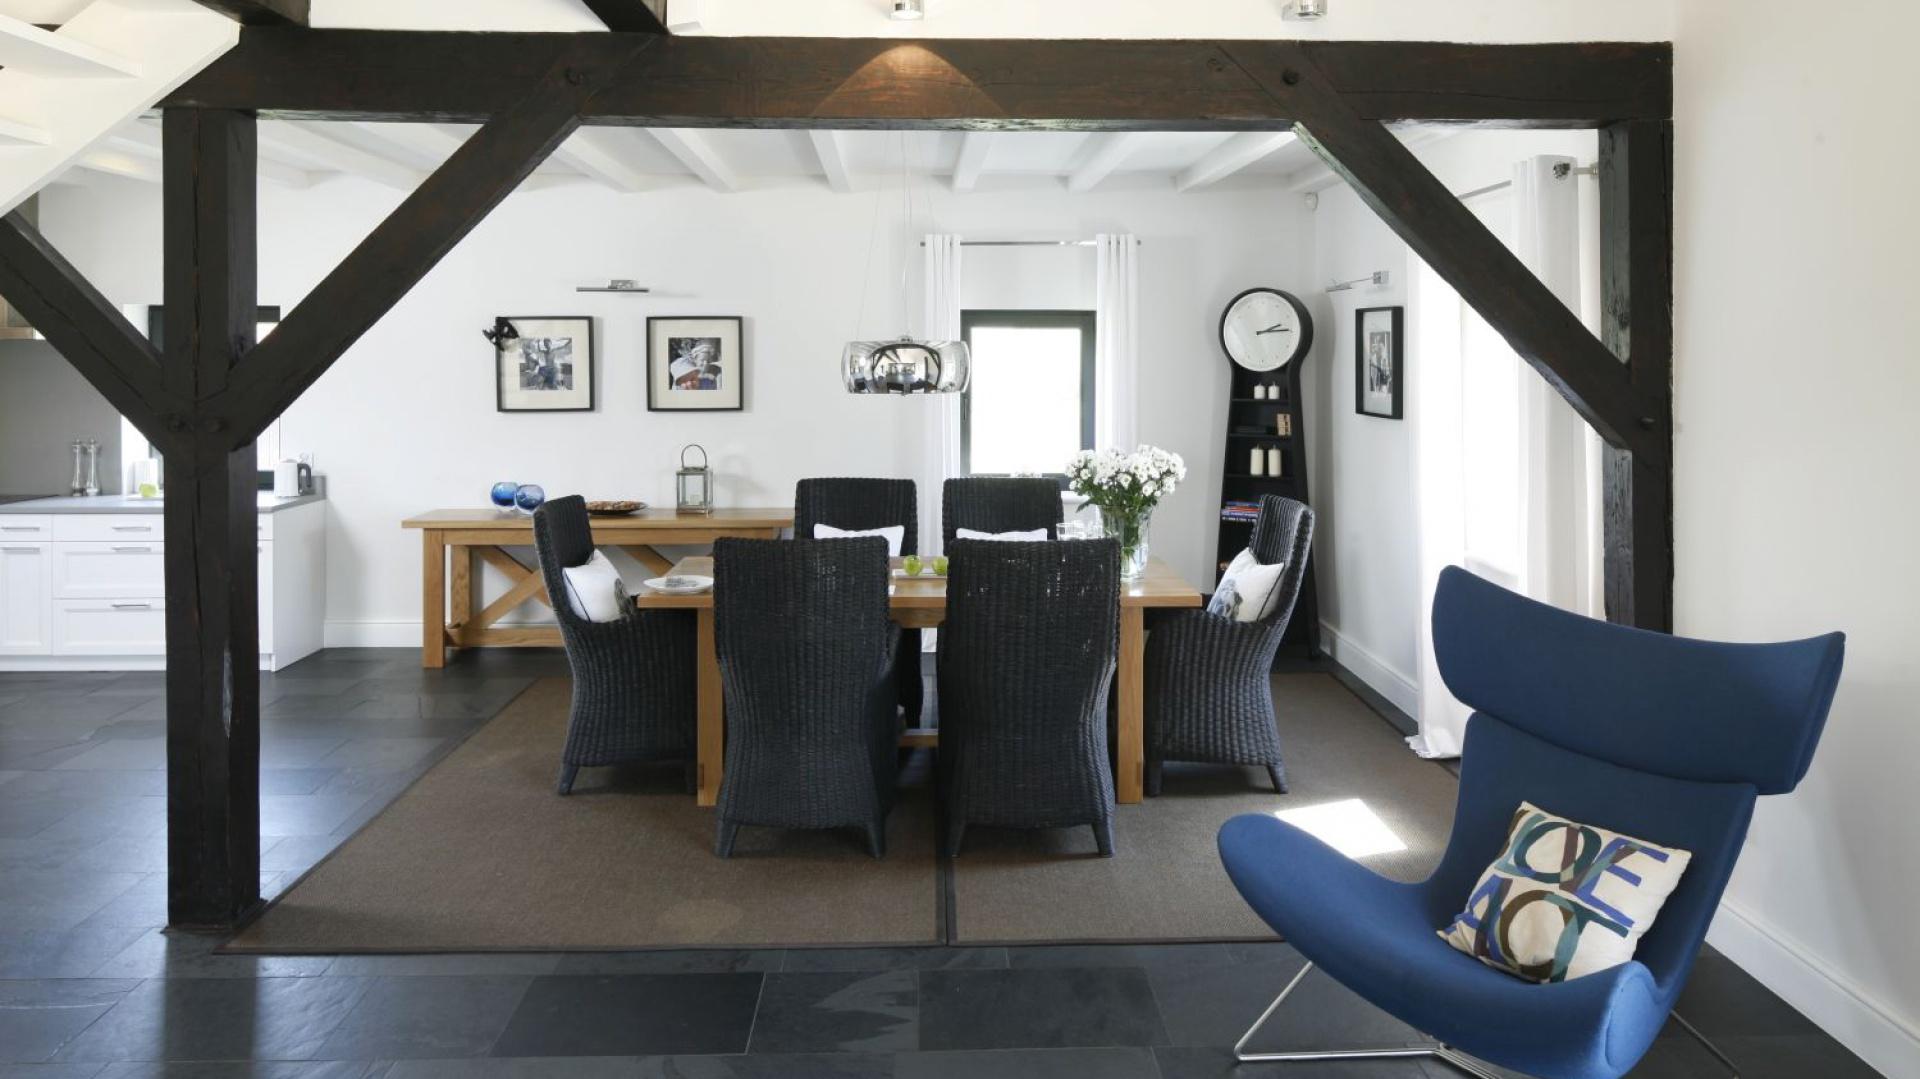 Designerski fotel w niebieskim kolorze zdobi wnętrze urządzone w marynistycznym stylu. Projekt: Kamila Paszkiewicz. Fot. Bartosz Jarosz.